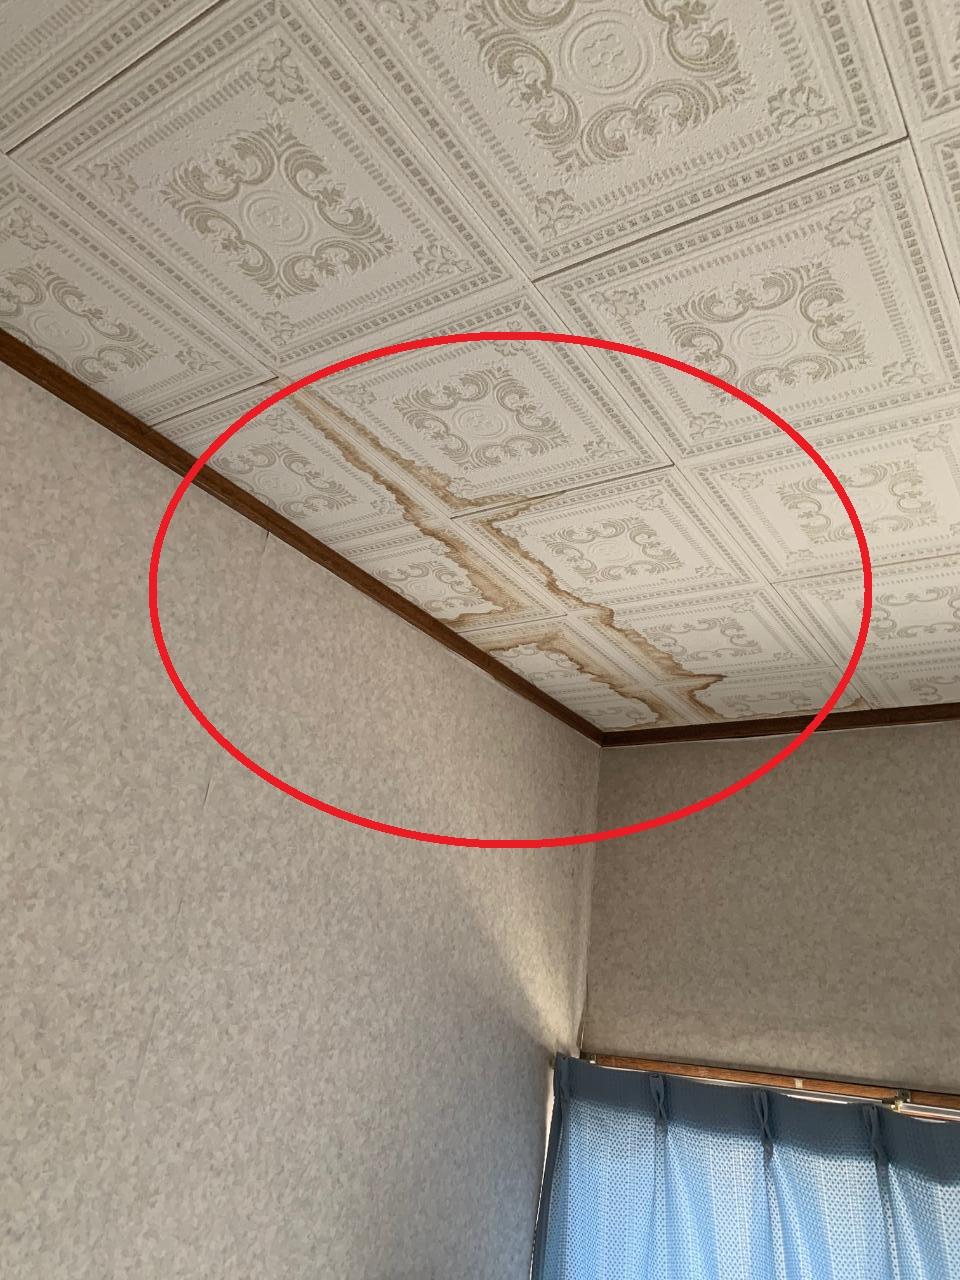 加古川市で間違った補修が原因で雨漏りしている室内の様子